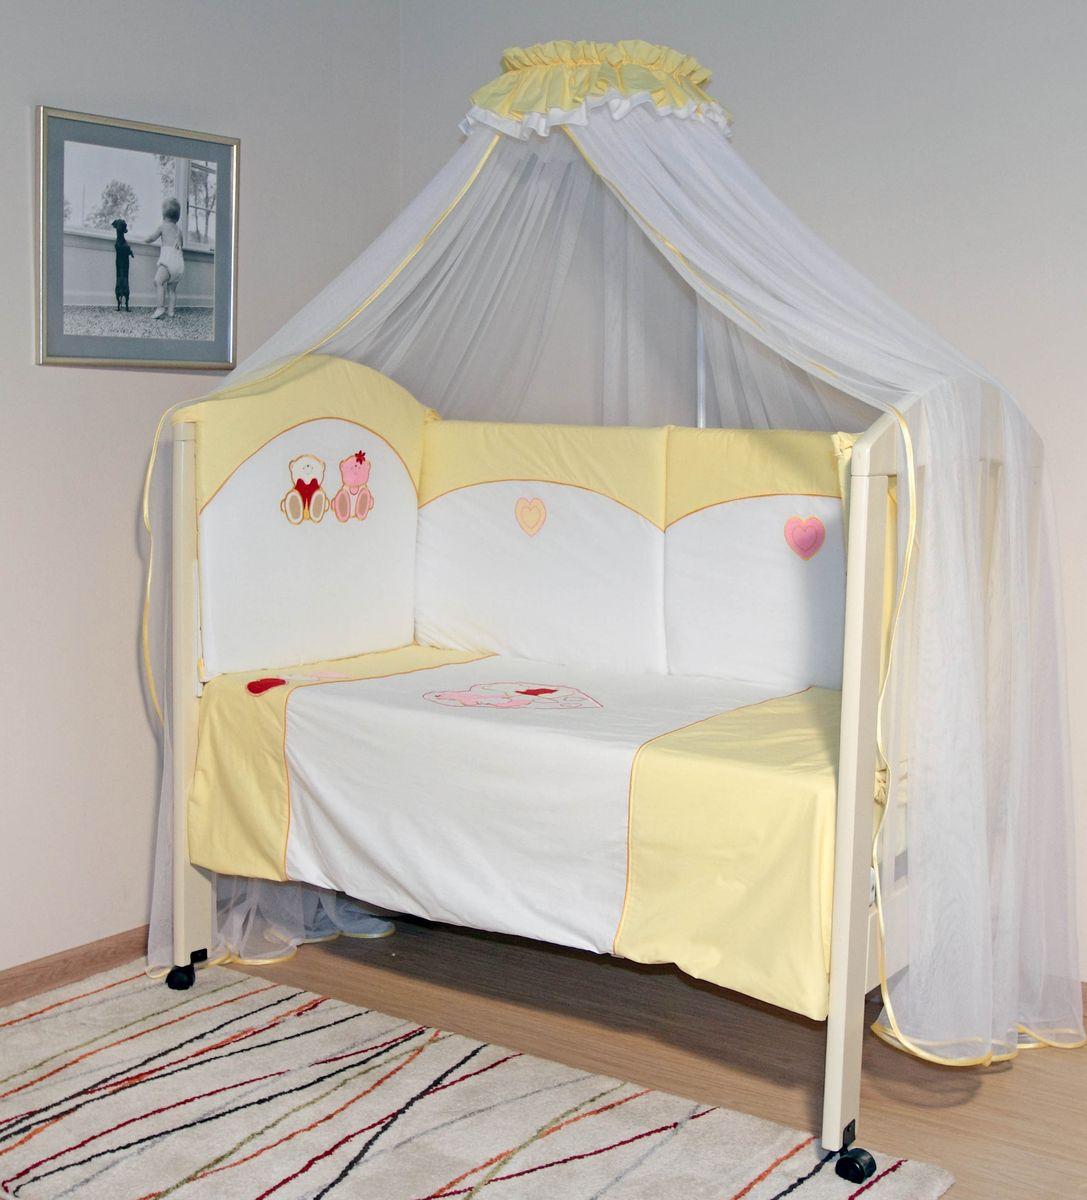 Топотушки Комплект детского постельного белья Николь цвет желтый 6 предметов4630008873656Комплект постельного белья из 6 предметов включает все необходимые элементы для детской кроватки. Комплект создает для Вашего ребенка уют, комфорт и безопасную среду с рождения; современный дизайн и цветовые сочетания помогают ребенку адаптироваться в новом для него мире. Комплекты «Топотушки» хорошо вписываются в интерьер как детской комнаты, так и спальни родителей. Как и все изделия «Топотушки» данный комплект отражает самые последние технологии, является безопасным для малыша и экологичным. Российское происхождение комплекта гарантирует стабильно высокое качество, соответствие актуальным пожеланиям потребителей, конкурентоспособную цену. Охранный бампер 360х50см. (из 4-х частей на молнии, наполнитель – холлофайбер); подушка 40х60см (наполнитель – холлофайбер); одеяло 140х110см (наполнитель – холлофайбер); наволочка 40х60см; пододеяльник 147х112см; простынь на резинке 120х60см.